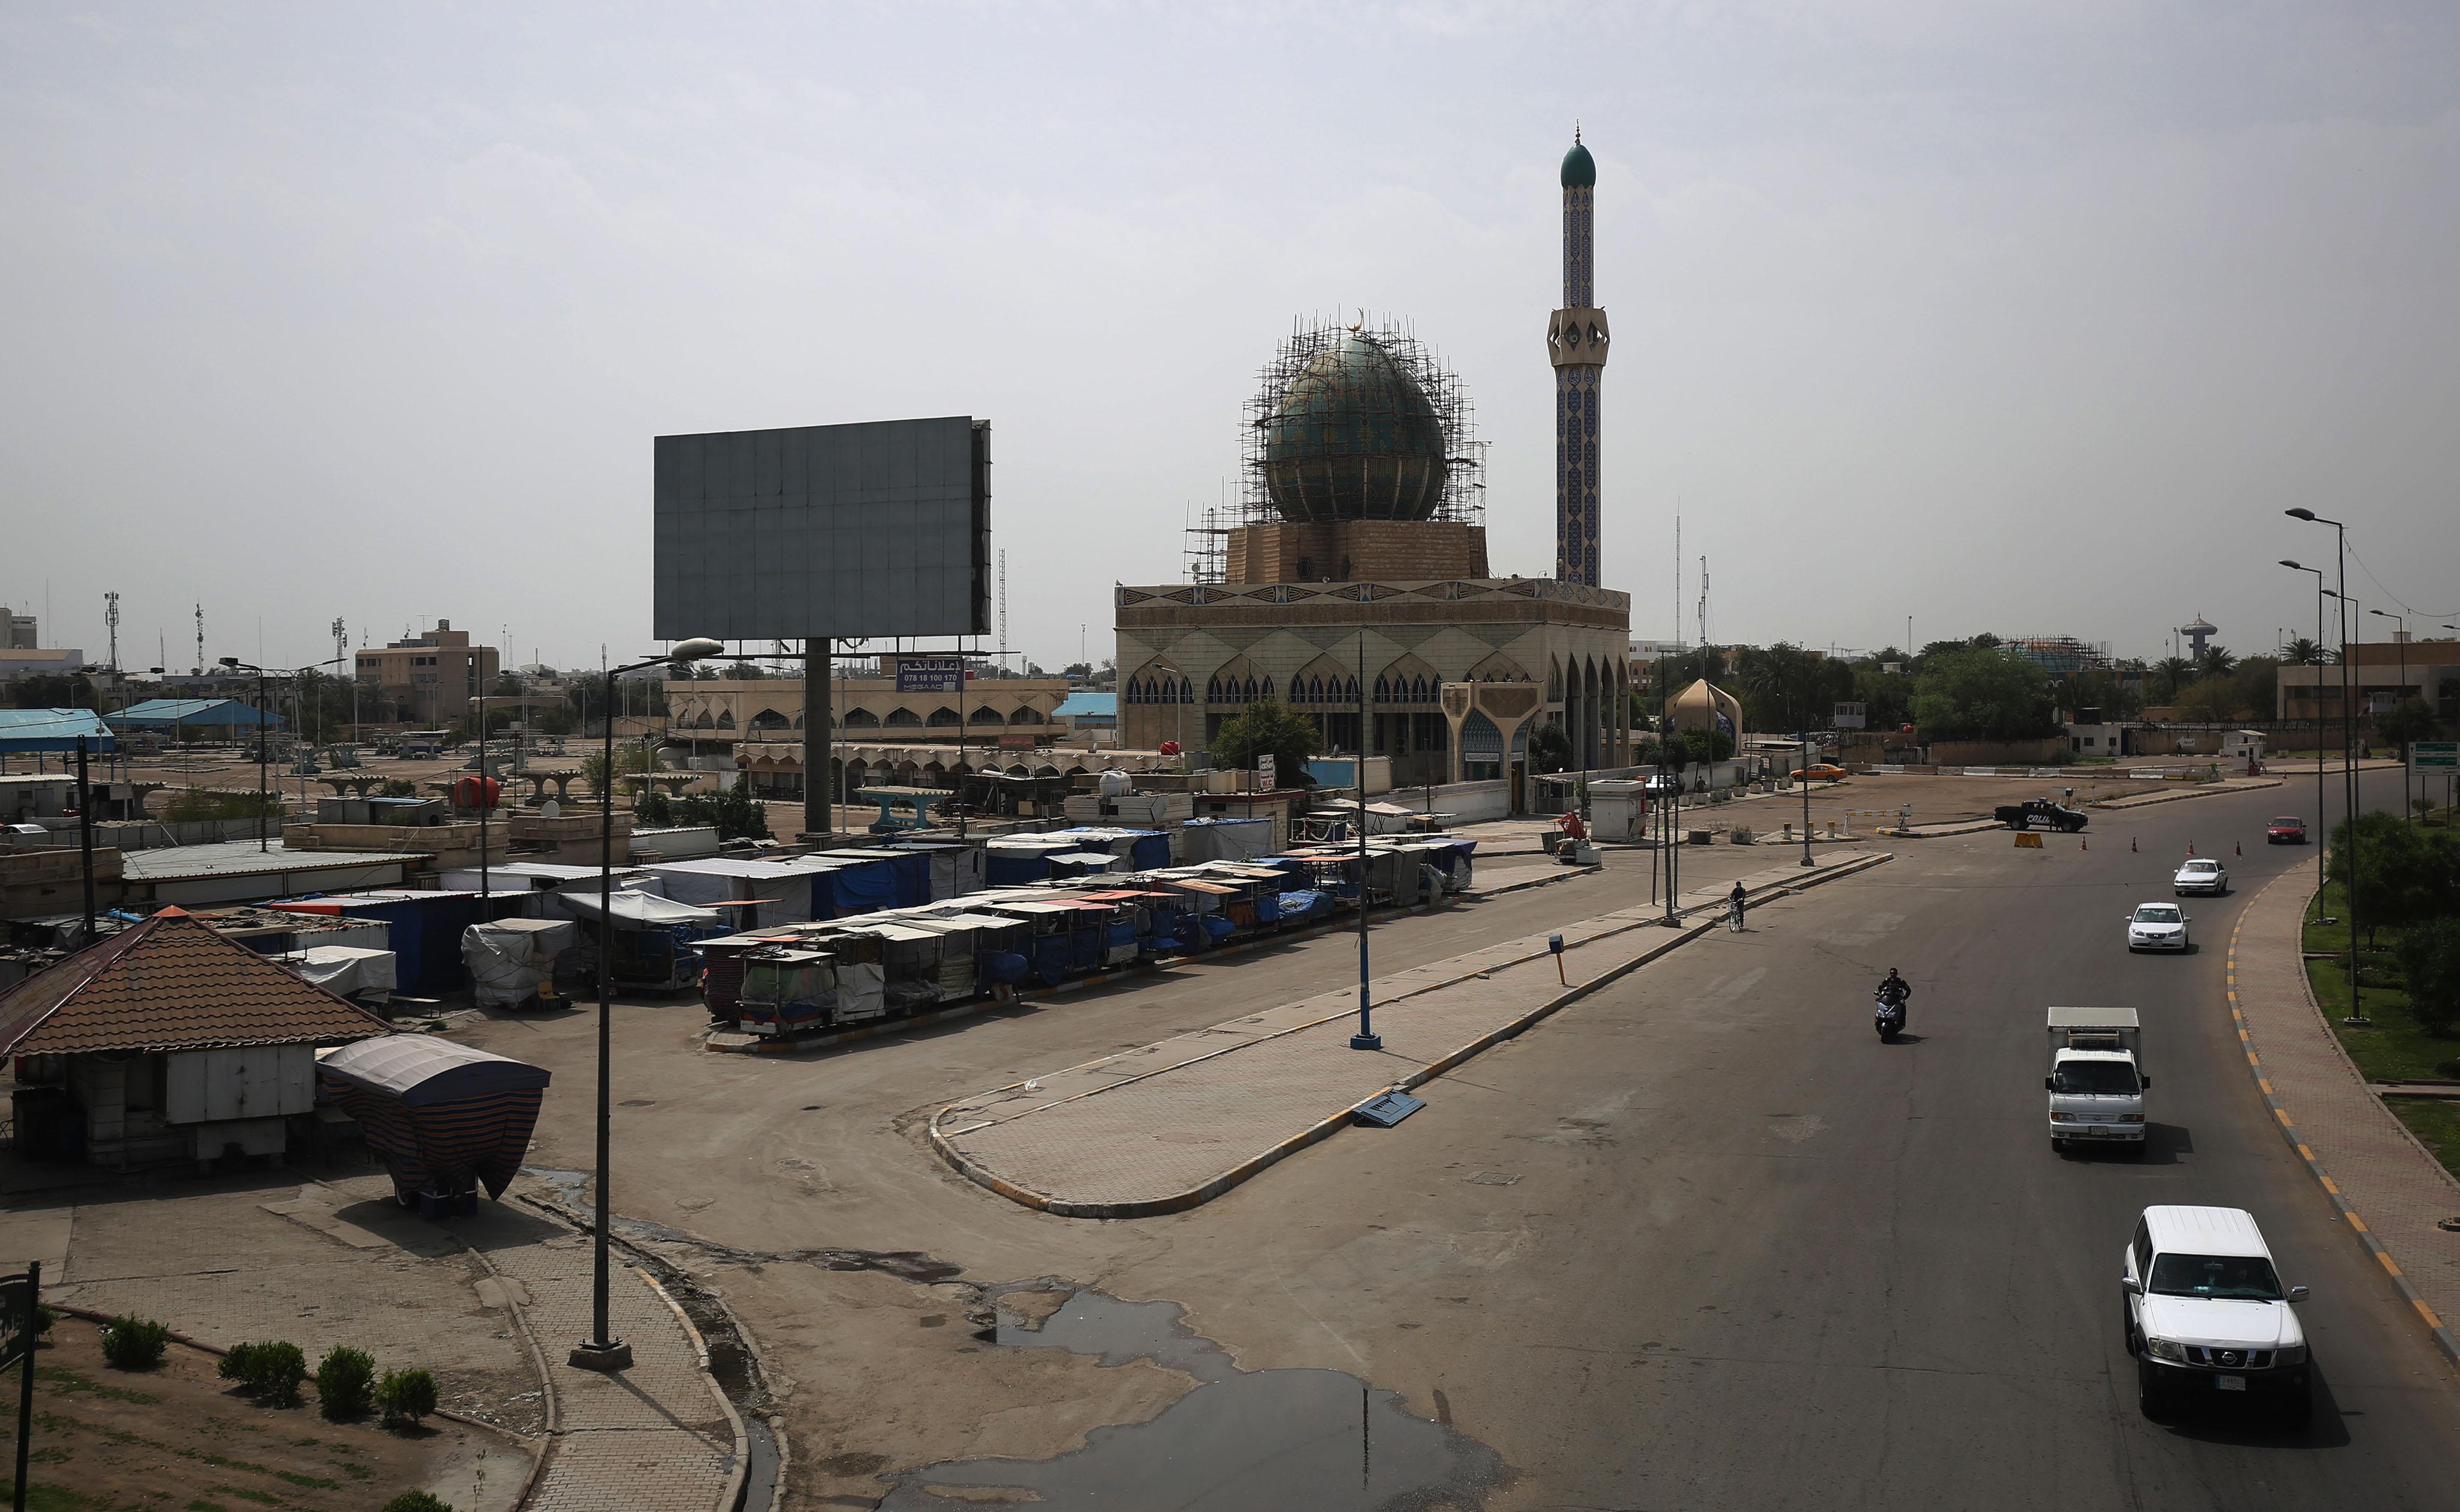 العاصمة العراقية بغداد شبه خالية نتيجة اجراءات الحكومة الرامية للحد من انتشار فيروس كورونا المستجد